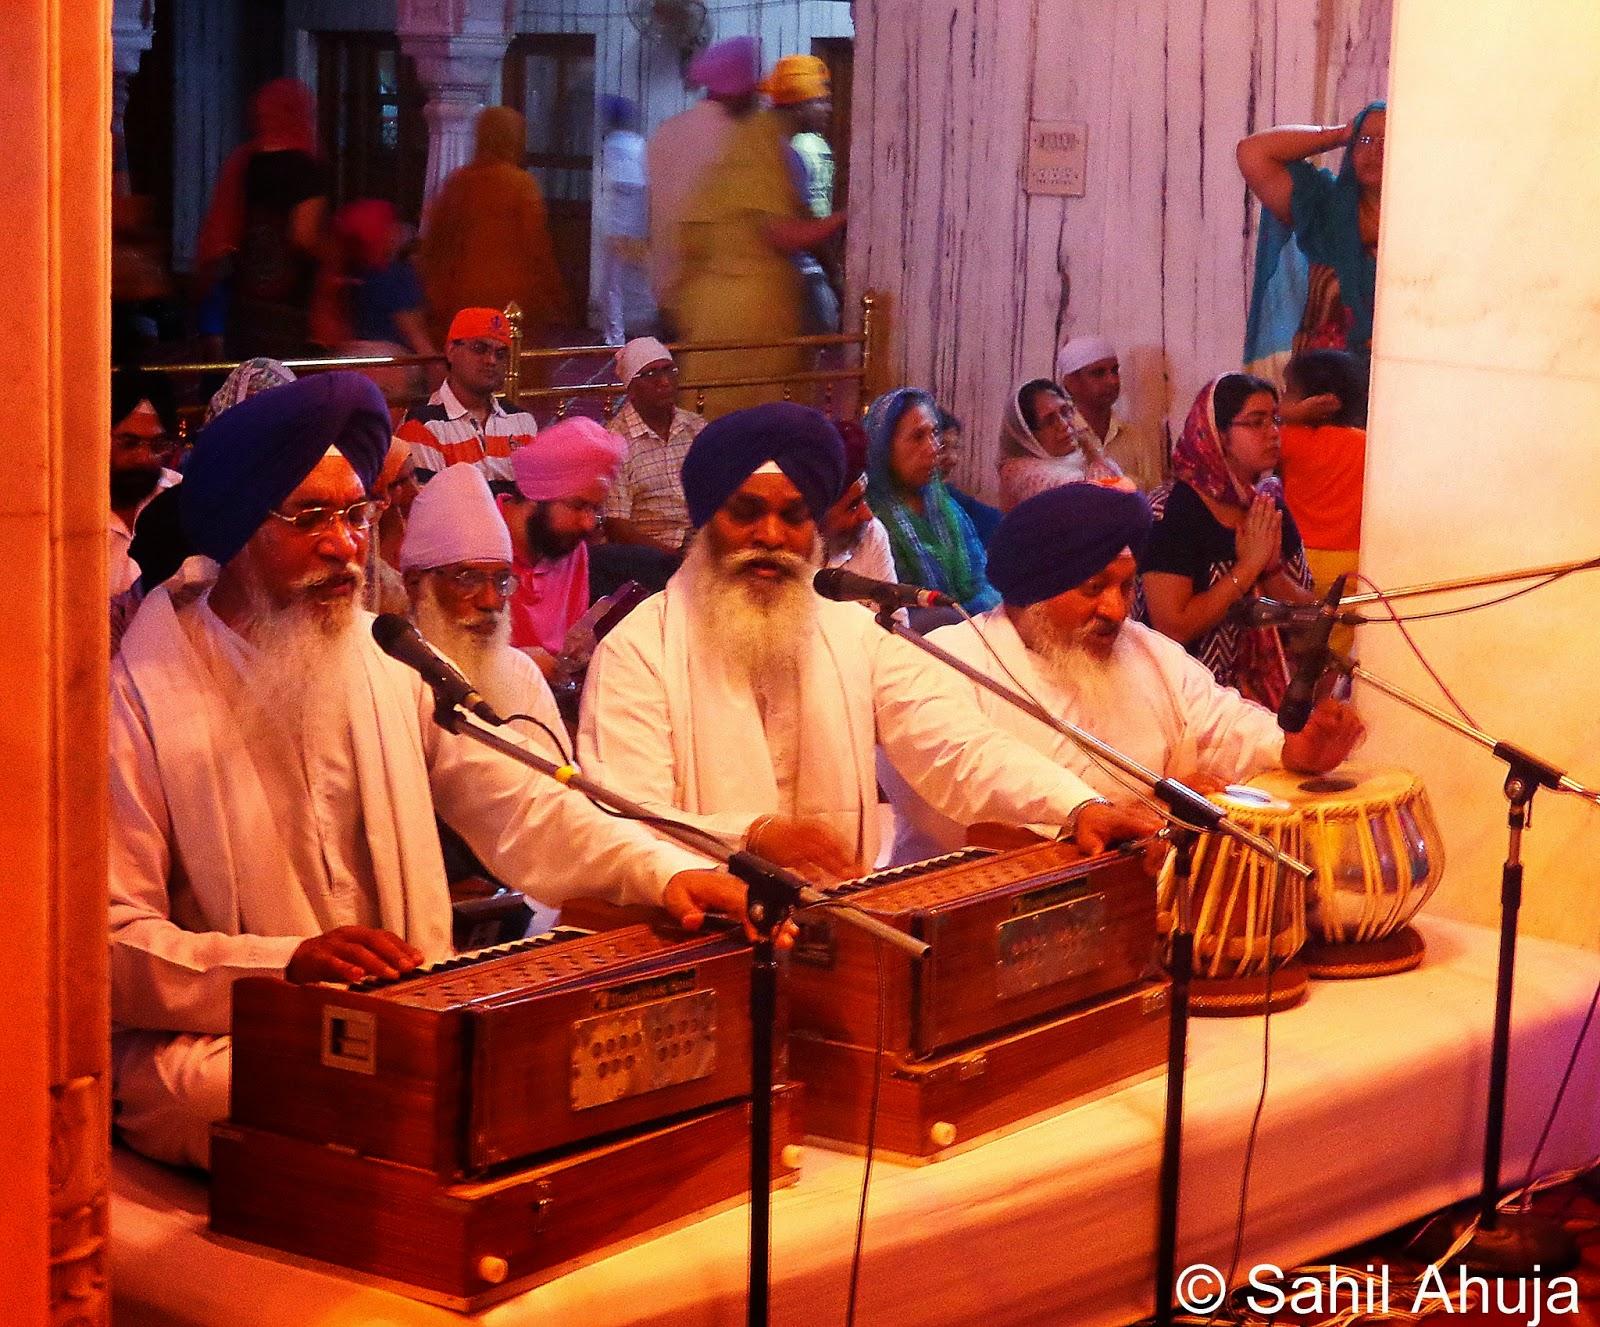 Sonam K Ahuja and hubby Anand Ahuja seek blessings at a Gurudwara